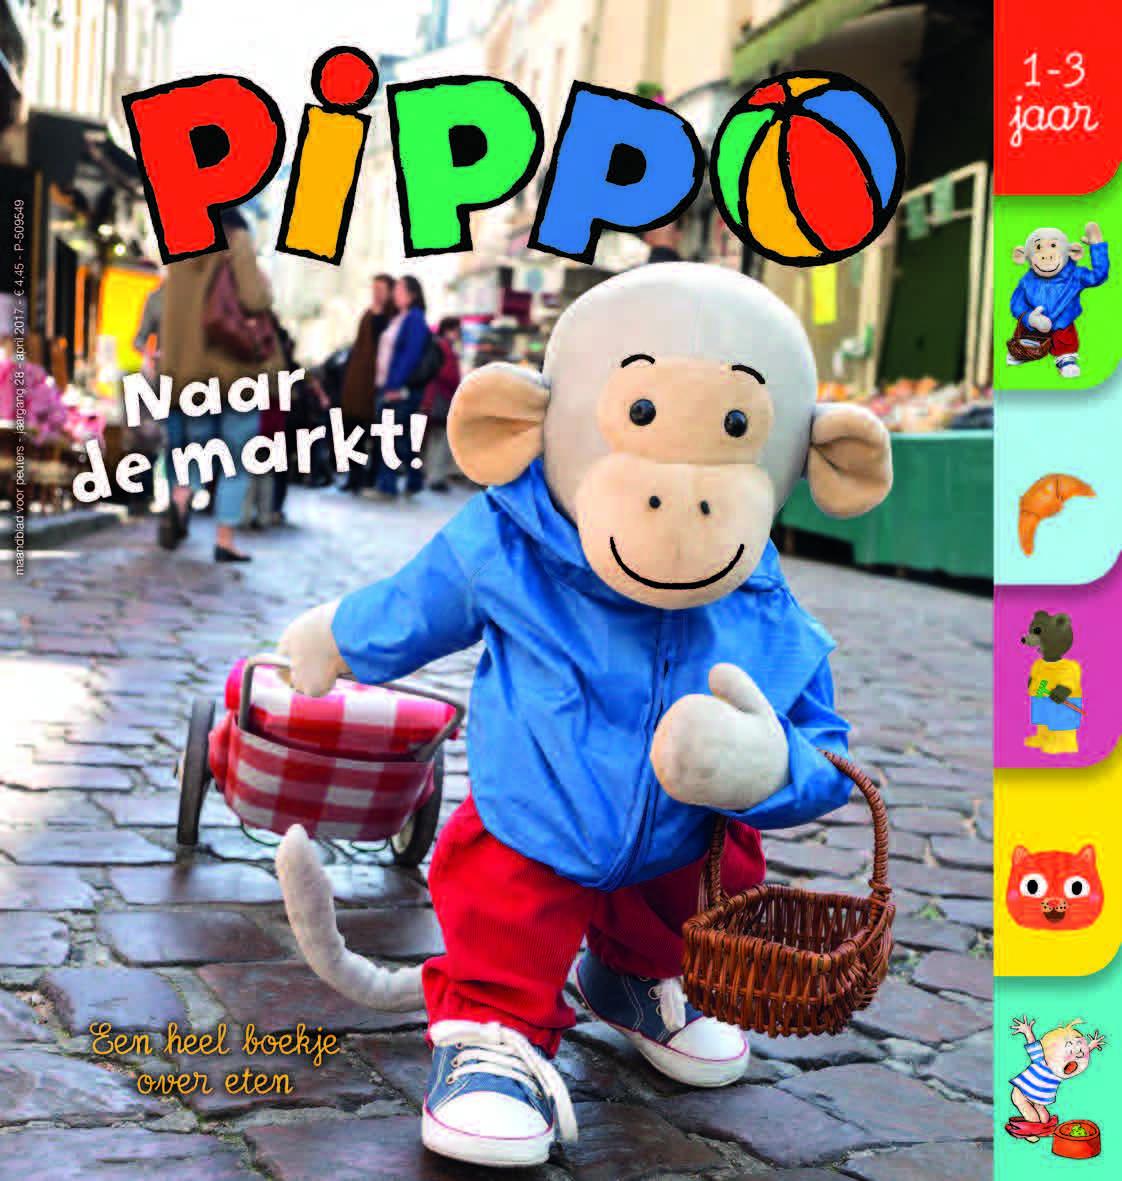 Pippo - Jaarabonnement via overschrijving